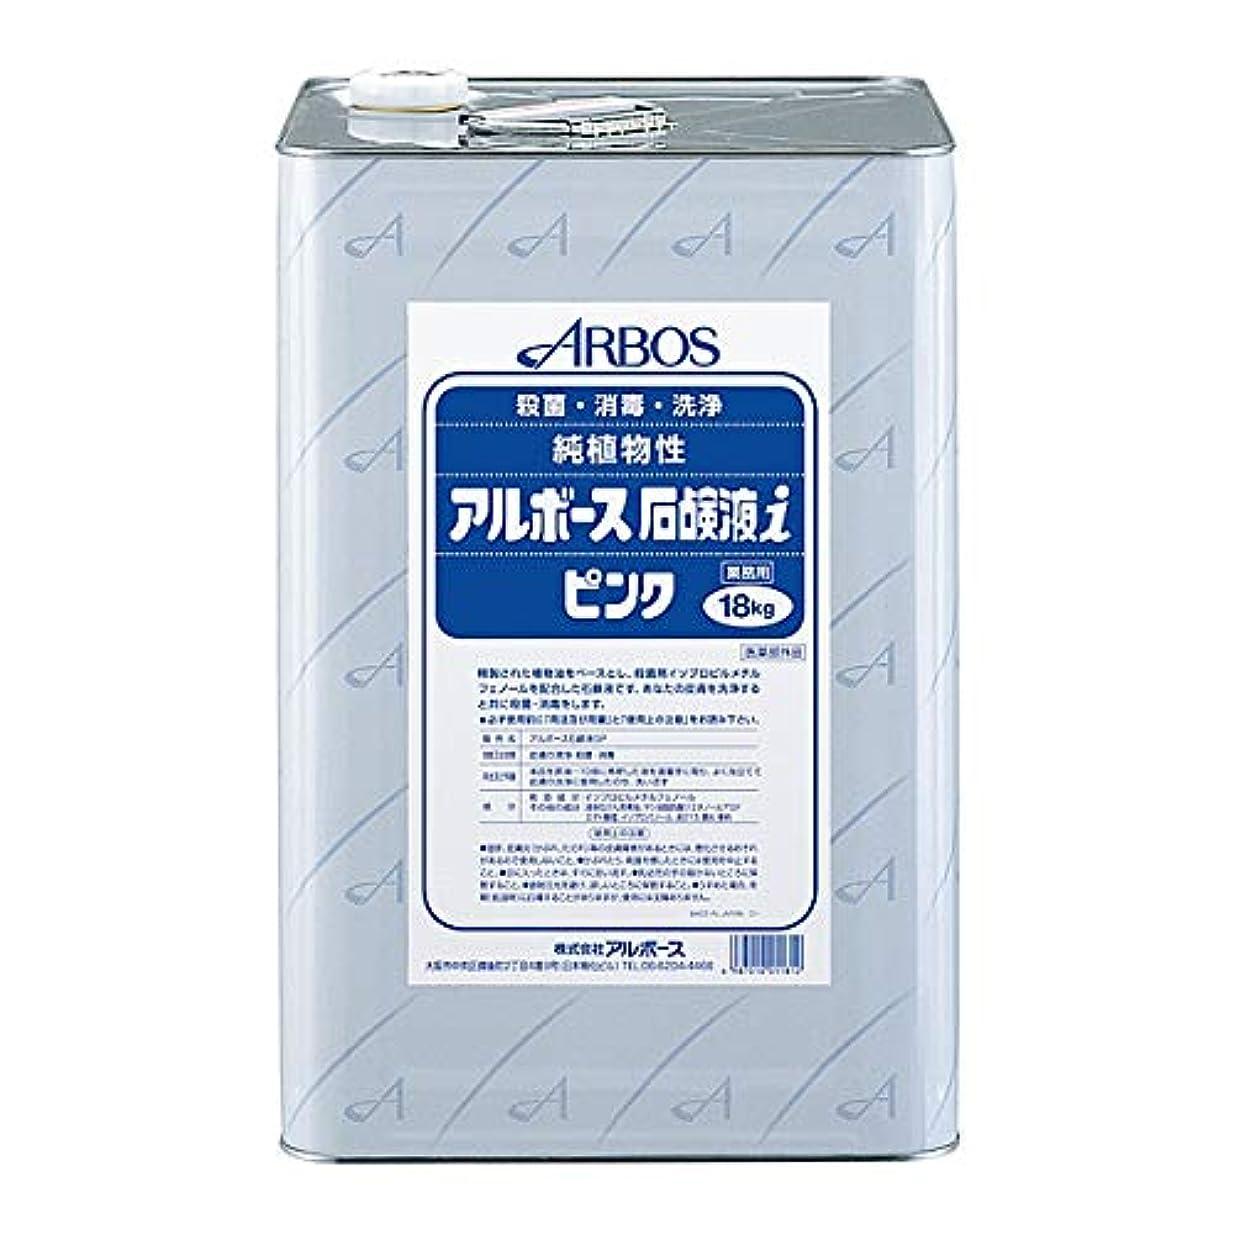 貫入ペインアクセス【清潔キレイ館】アルボース石鹸液i ピンク(18L)+つめブラシ1個 オマケ付